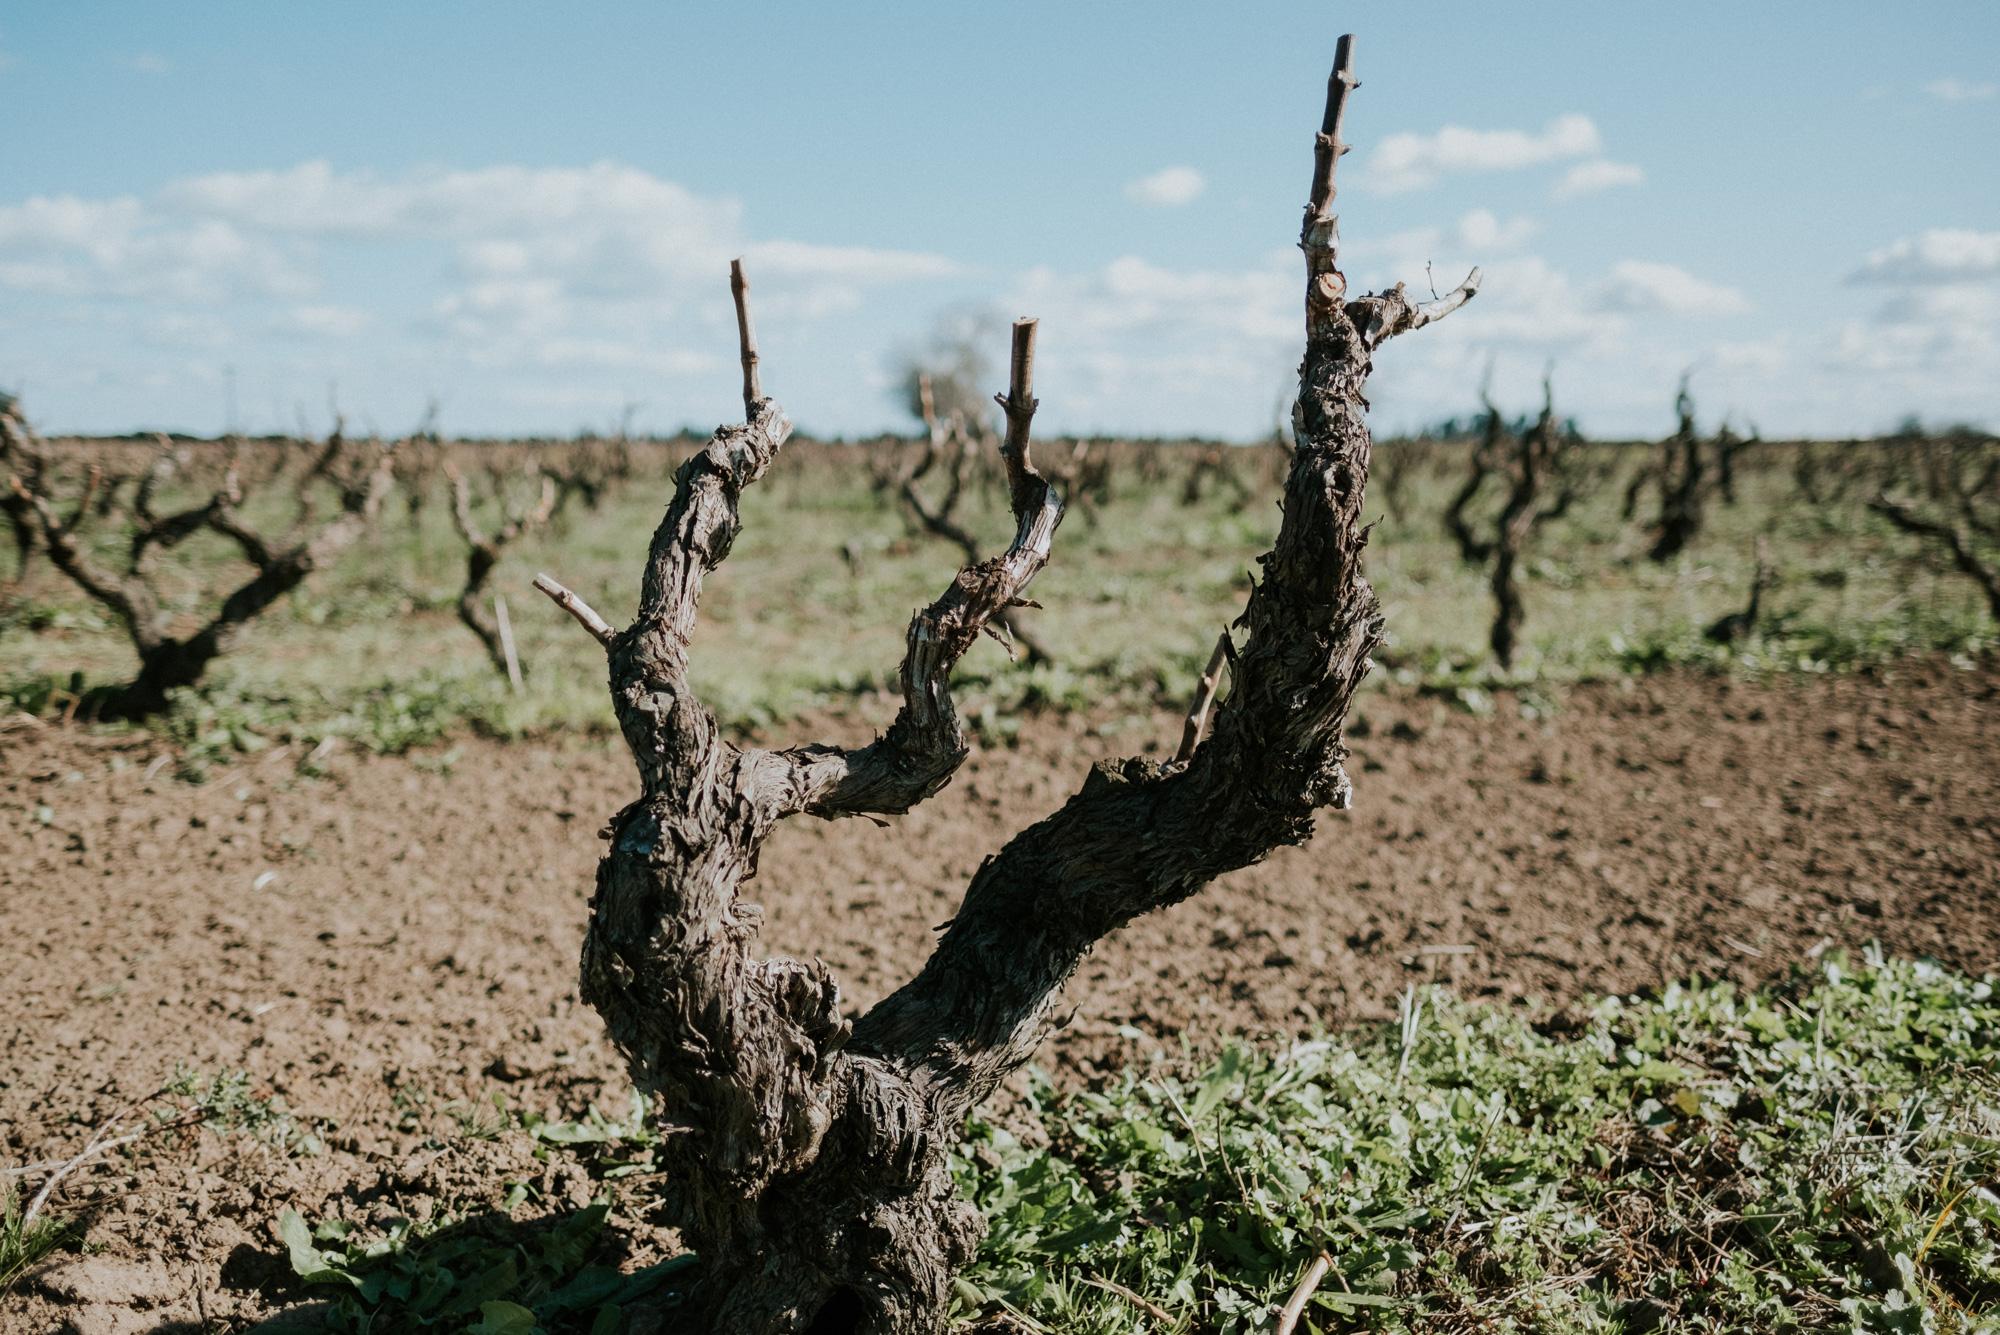 Vigne ad Alberello - Tenute Rubino | I Vini della Puglia - la casa del Susumaniello